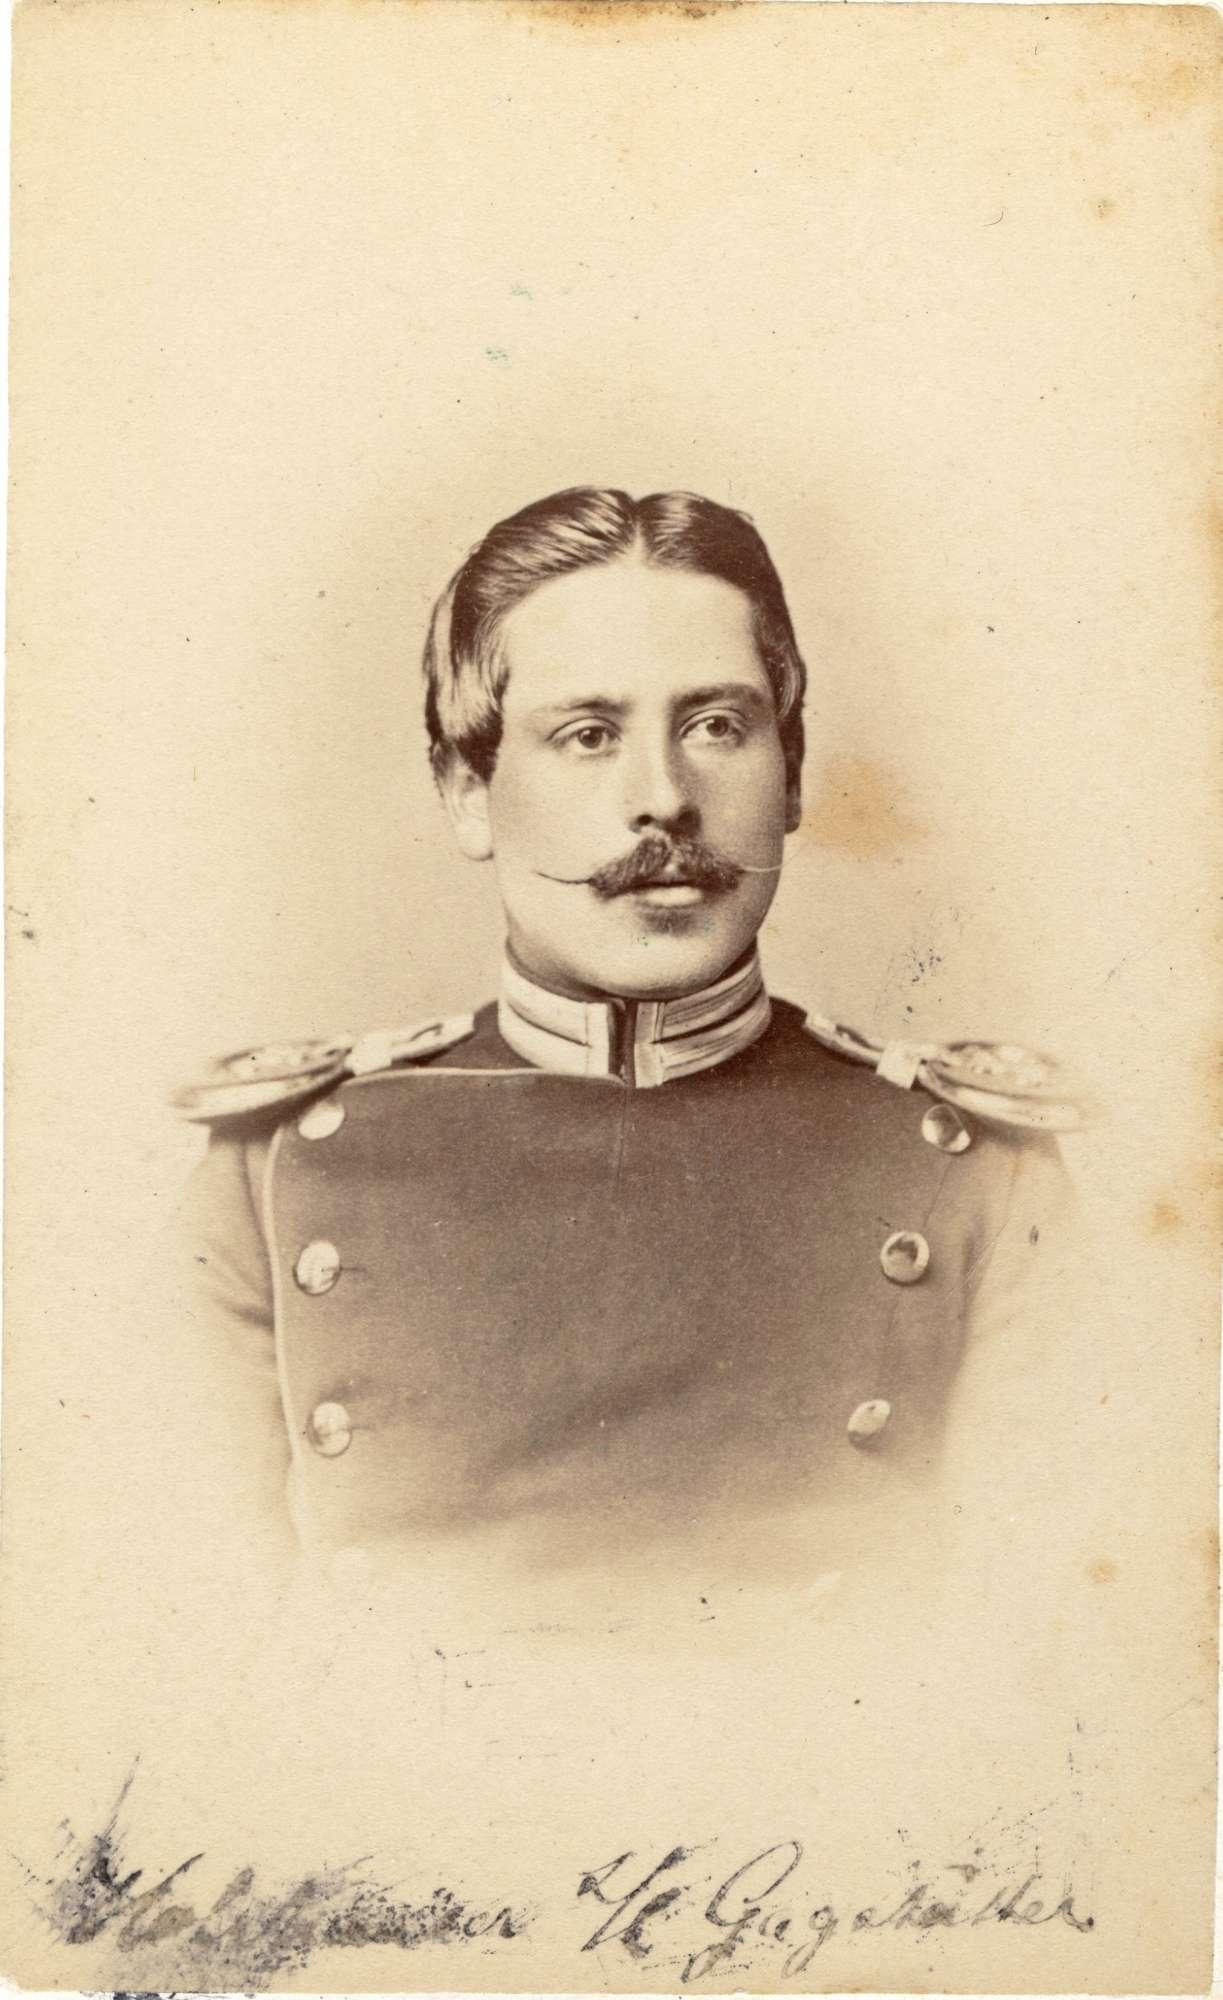 Holzhauser, Hermann, Bild 3